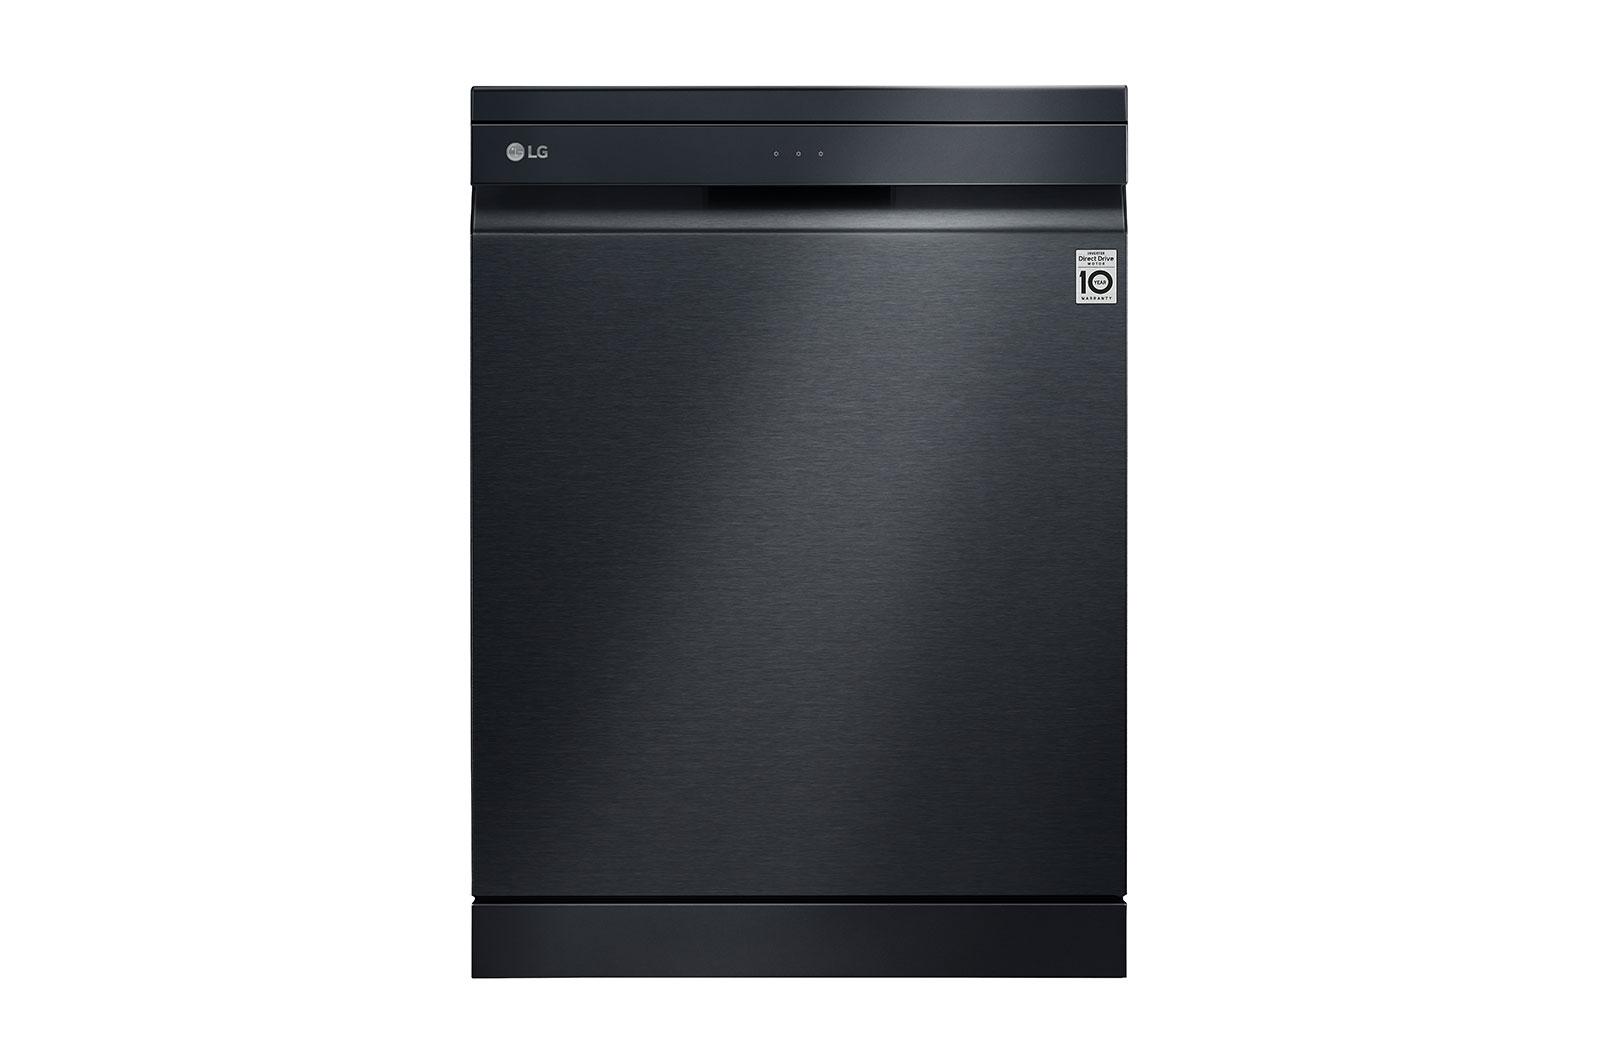 Lave vaisselle lg df415hms amqefs